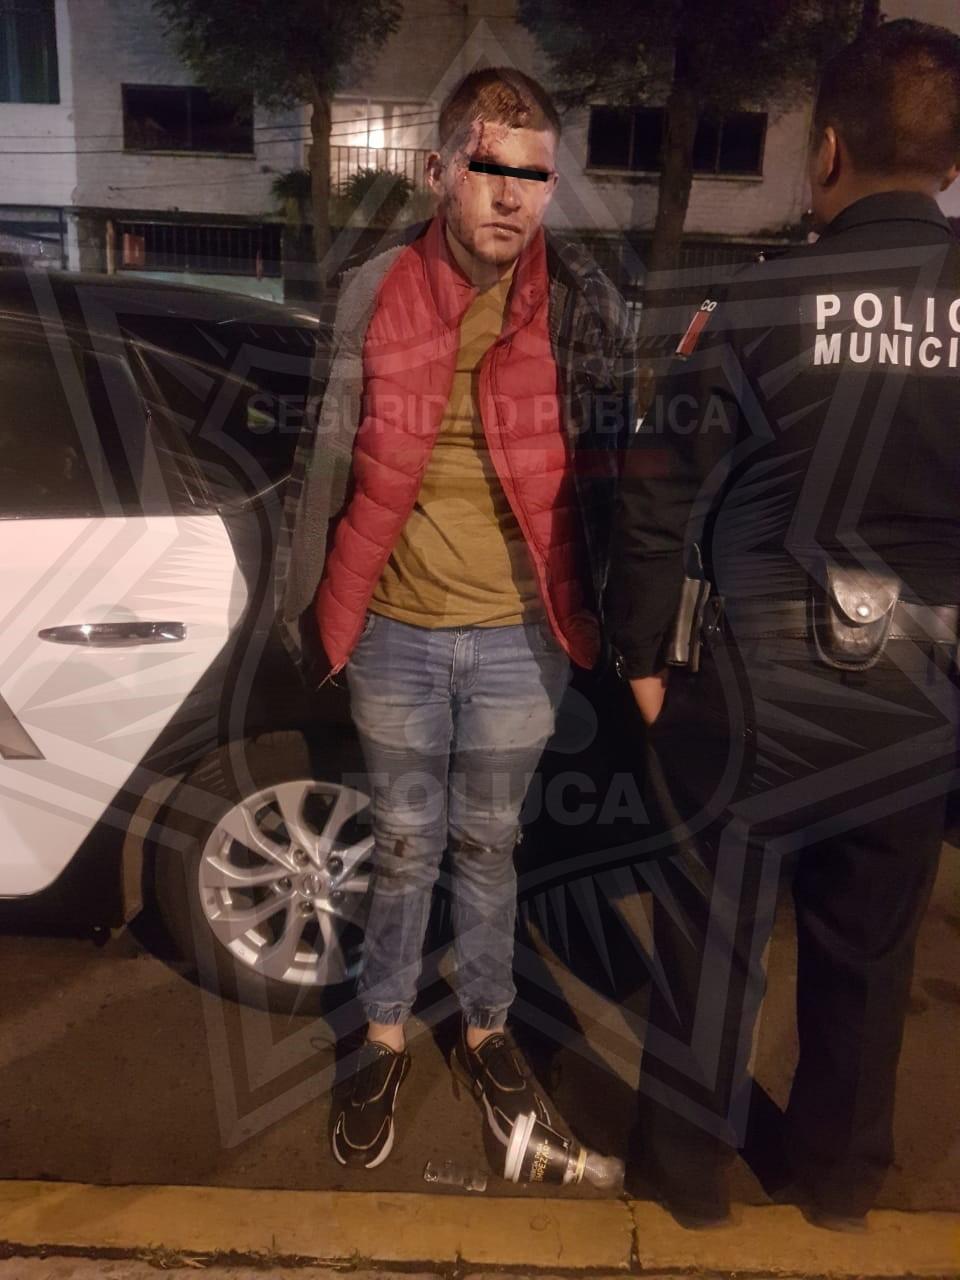 Captura Policía de Toluca a peligroso sujeto presuntamente dedicado al robo con violencia